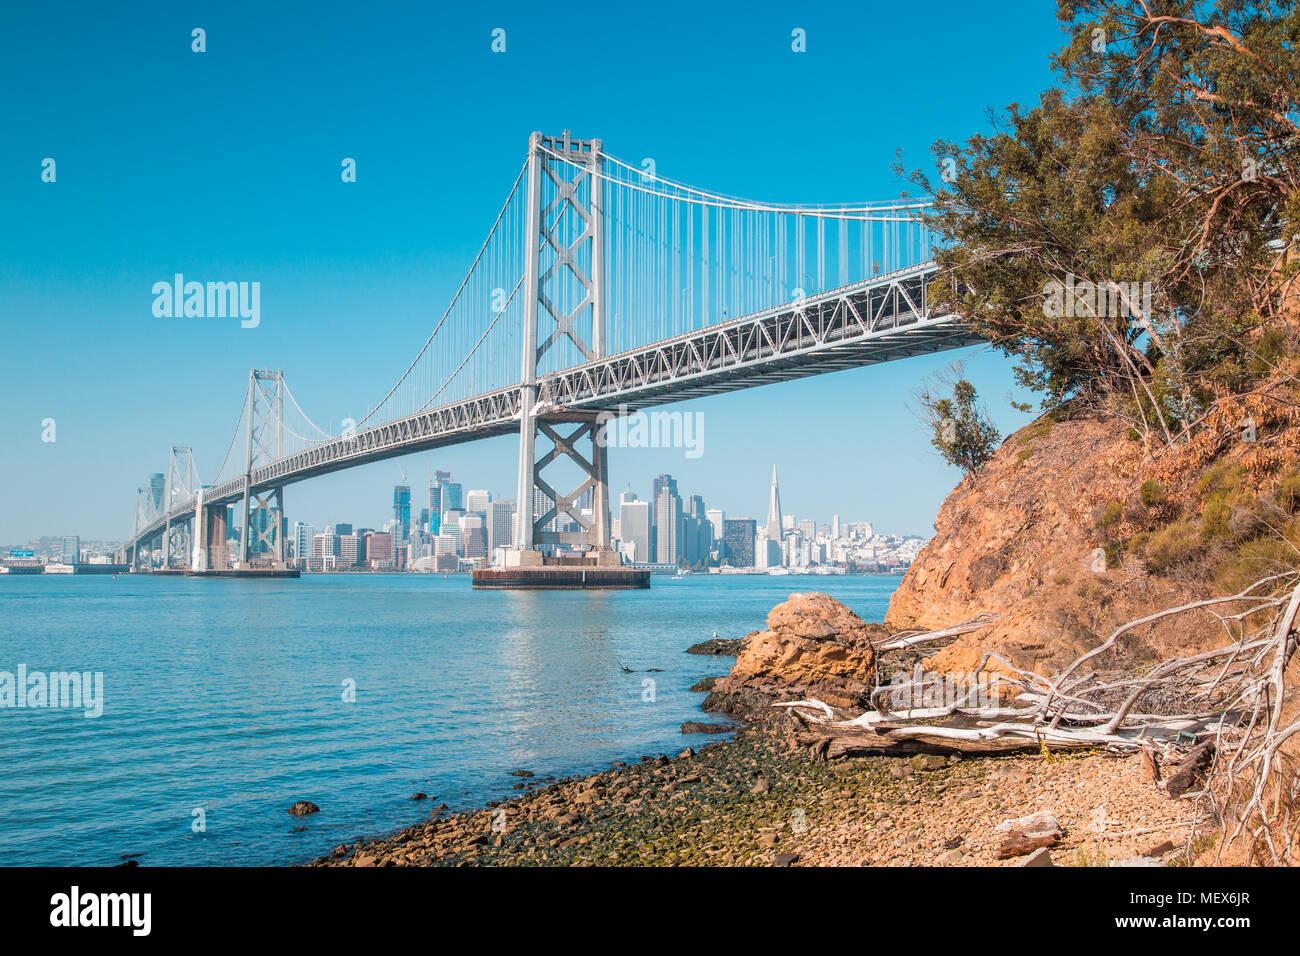 Classic vista panoramica dello skyline di San Francisco con il famoso Oakland Bay Bridge illuminato in una giornata di sole con cielo blu in estate, San Francisco Immagini Stock